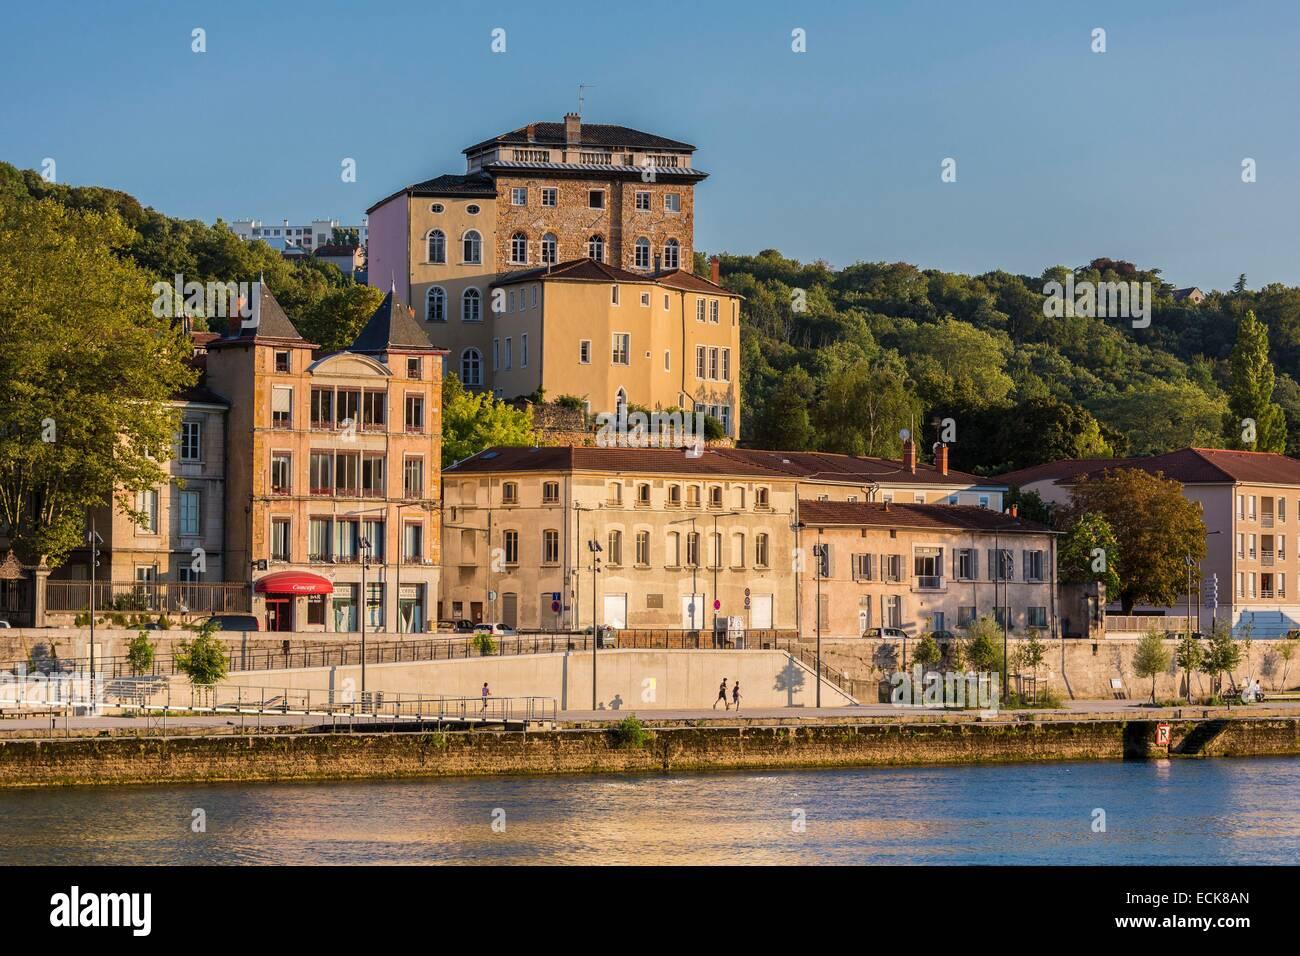 France, Rhone, Lyon, Caluire et Cuire, quay Georges Clemenceau - Stock Image